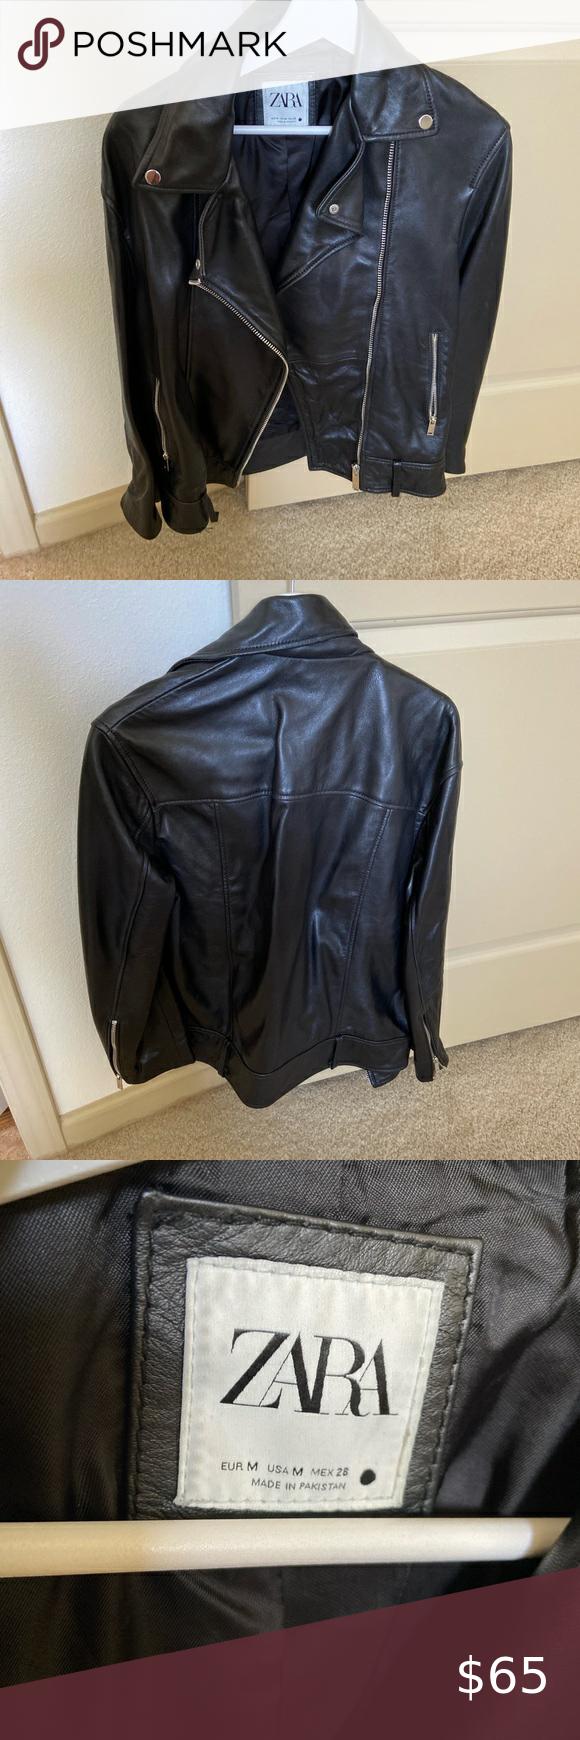 Zara Leather Jacket Zara Leather Jacket Zara Leather Leather [ 1740 x 580 Pixel ]